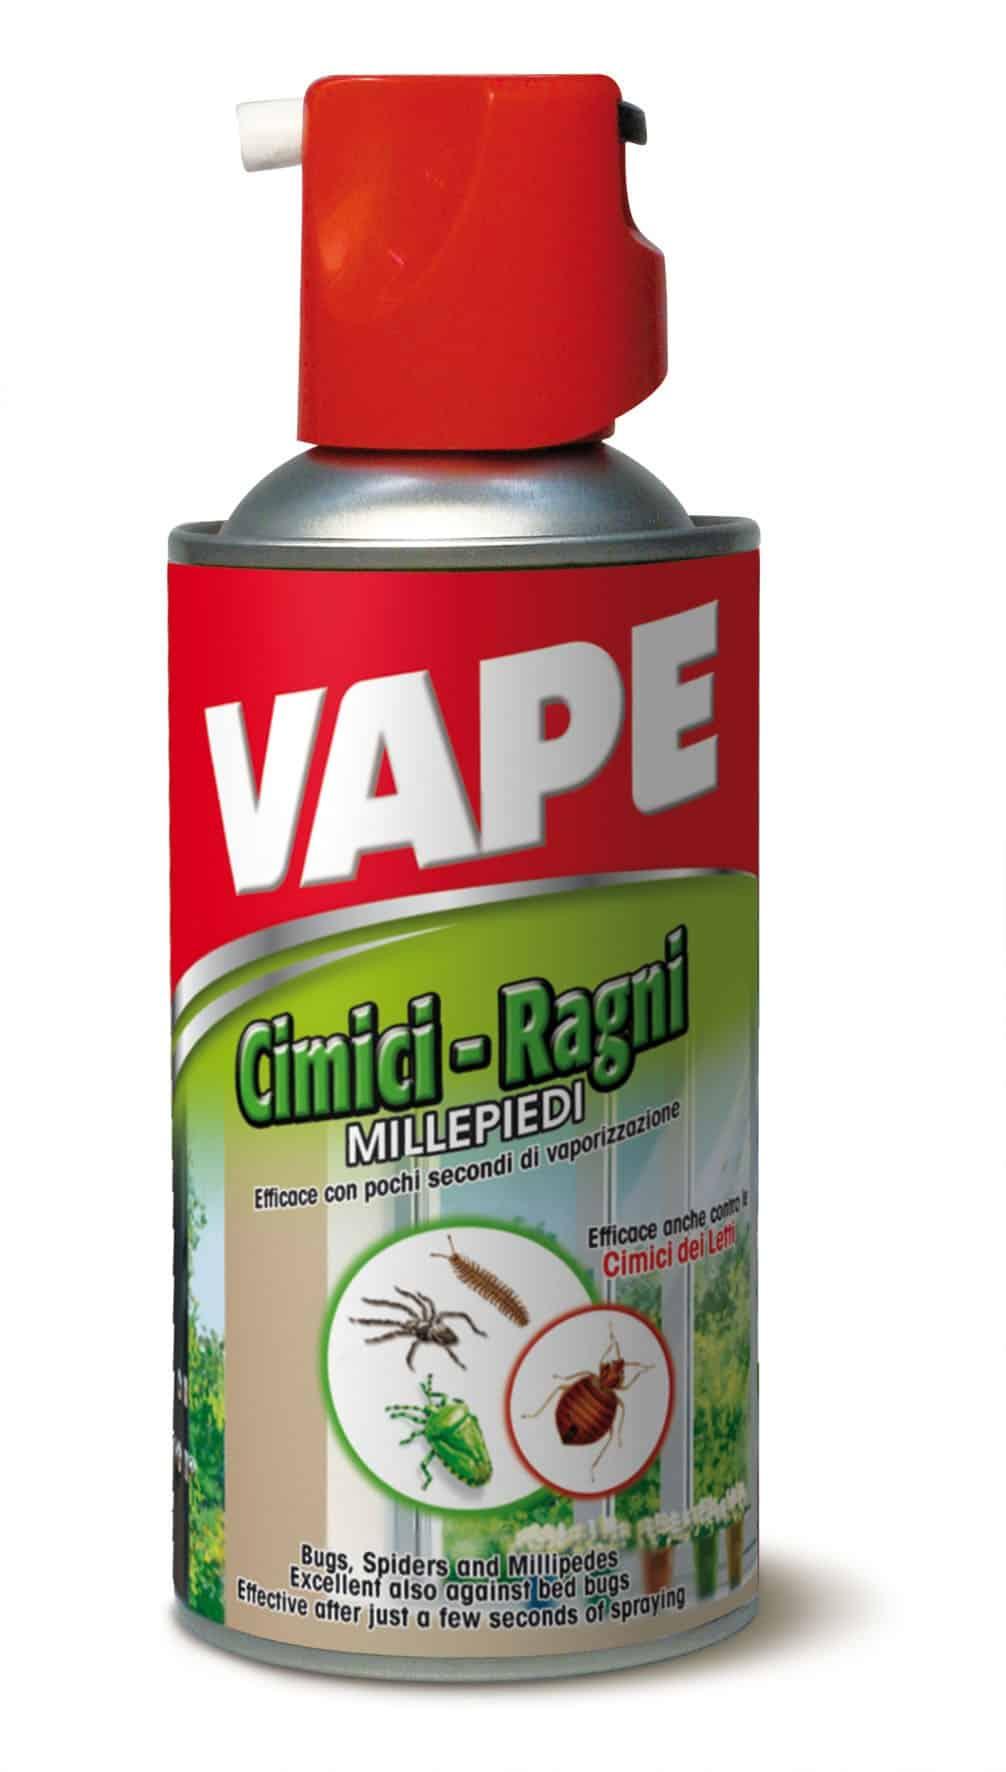 Vape spray cimici ragni per proteggere la casa da ospiti indesiderati leshoppingnews - Eliminare le cimici da letto ...